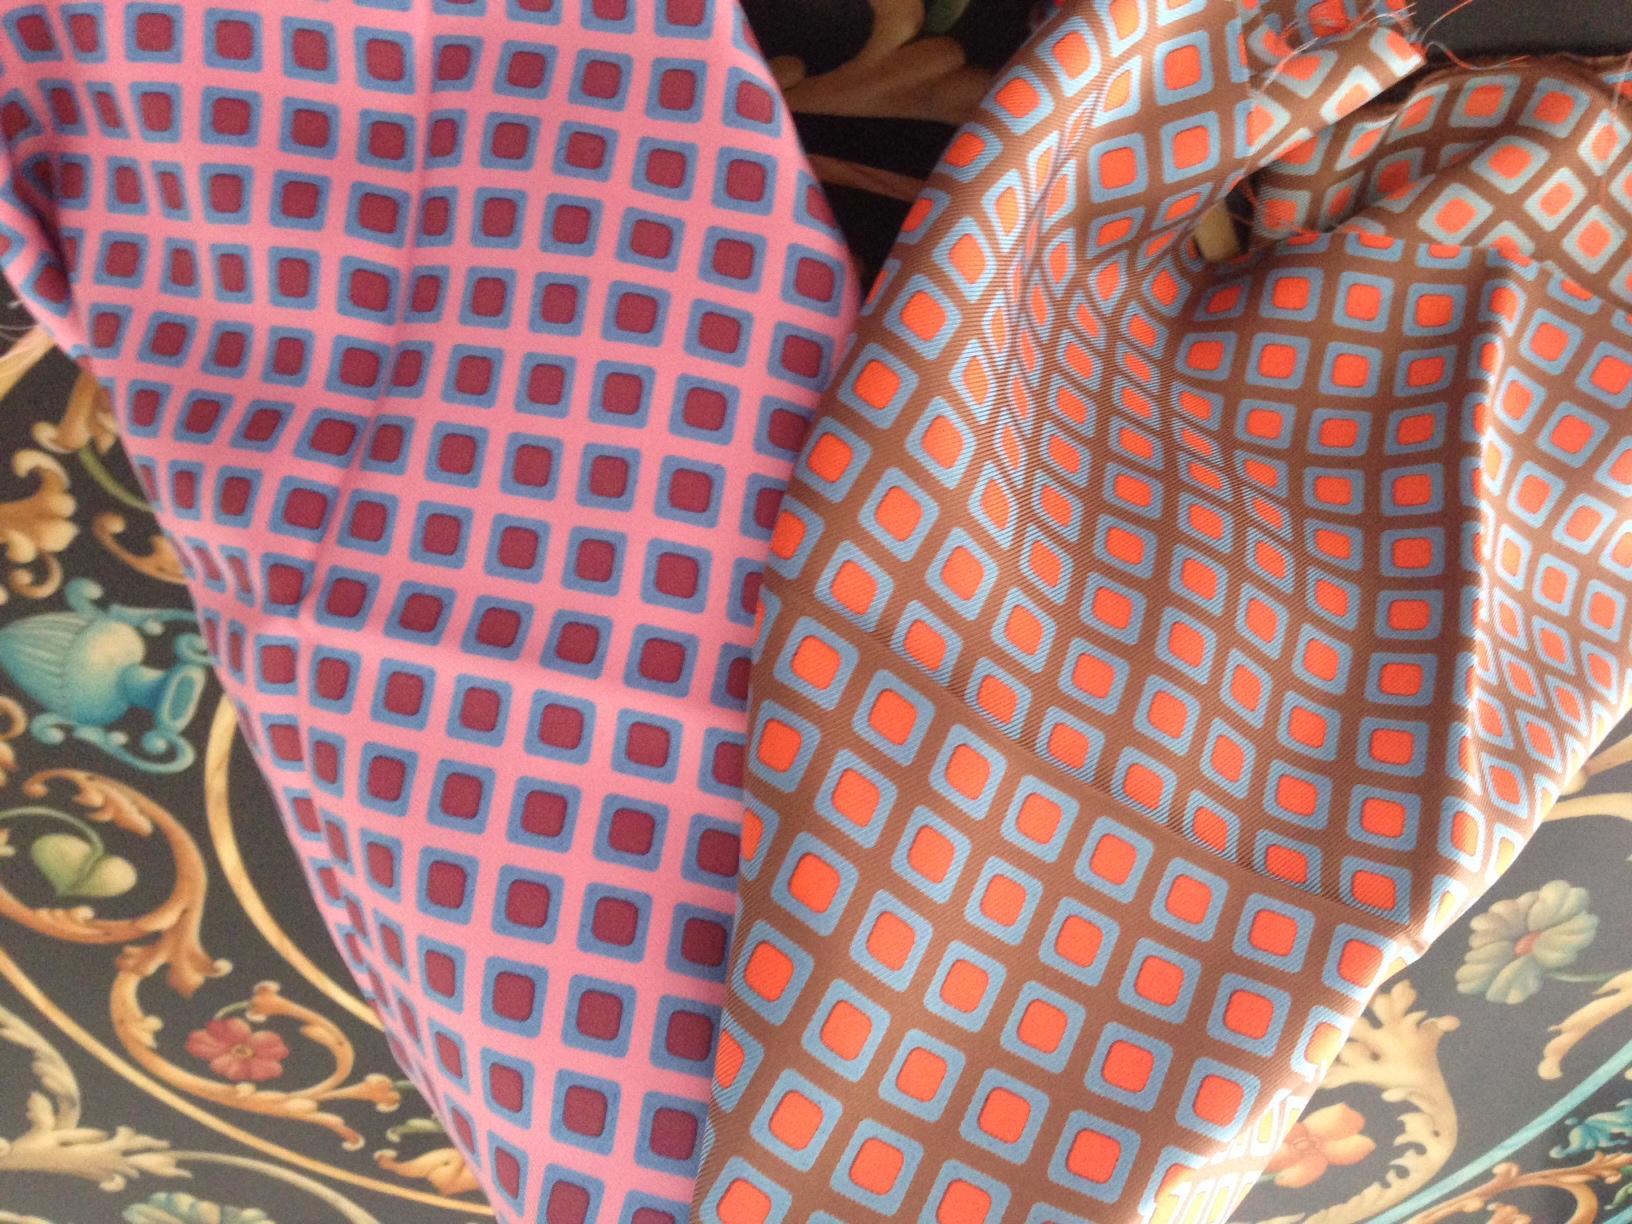 patrizio cappelli cravatte sartoriali napoli